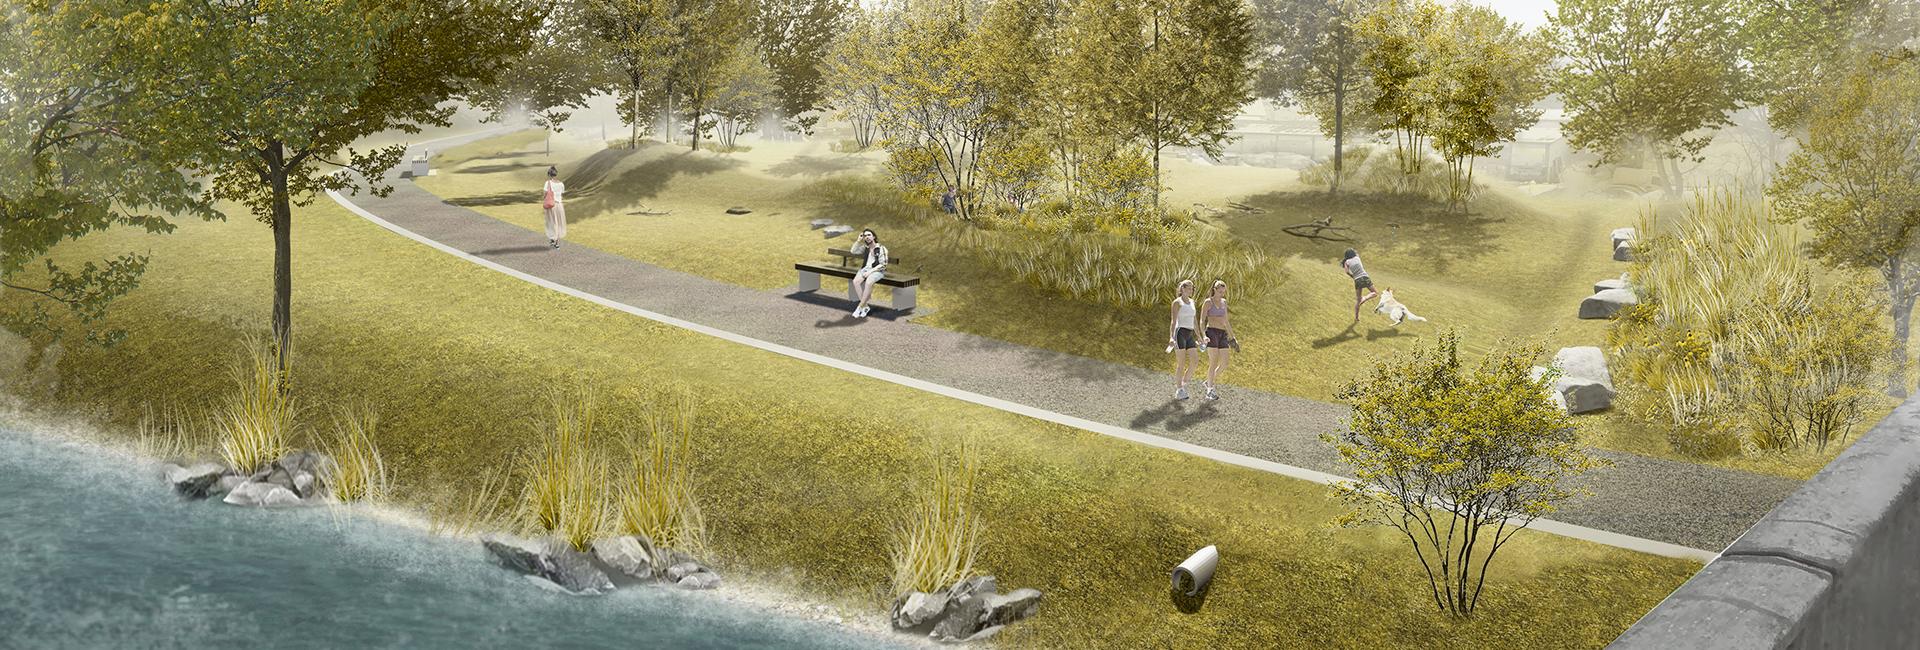 Zeichnung von einem Weg am Fluss, auf dem Menschen spazieren